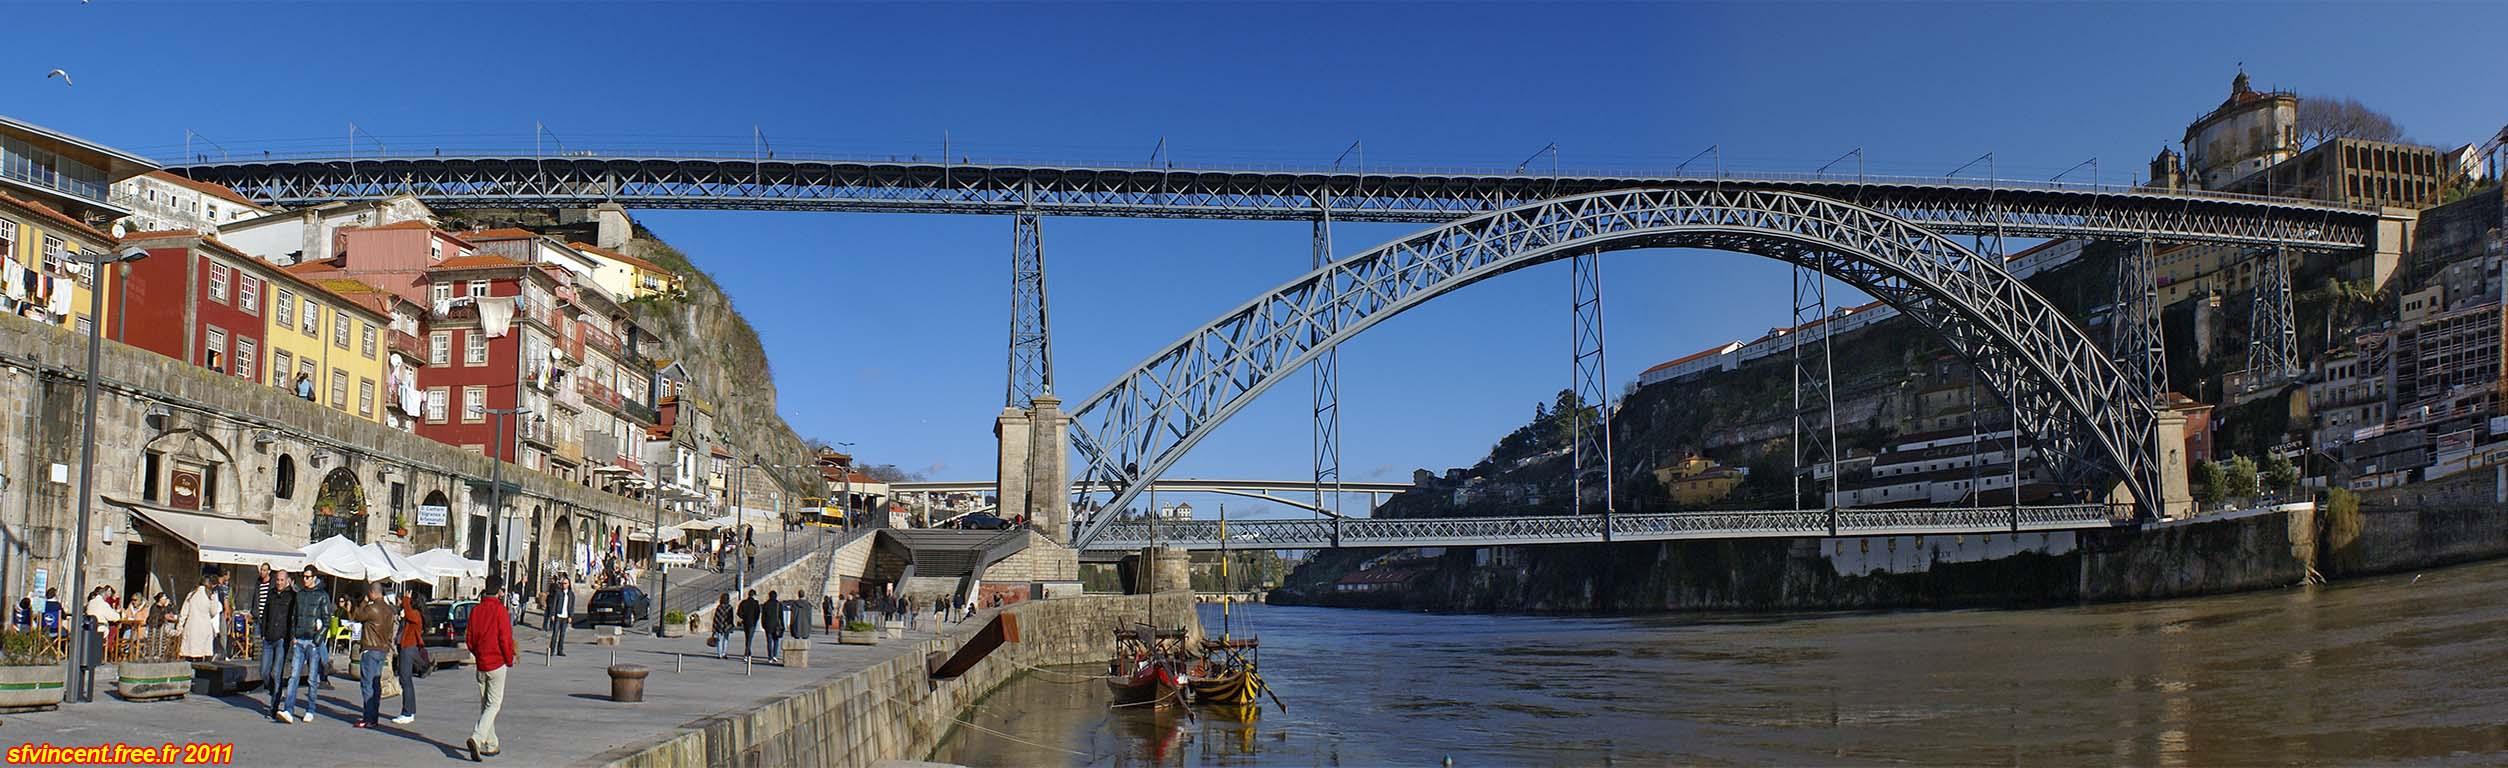 Ville de Porto, Portugal. Le pont Louis I. Assemblage panoramique de 3 ...